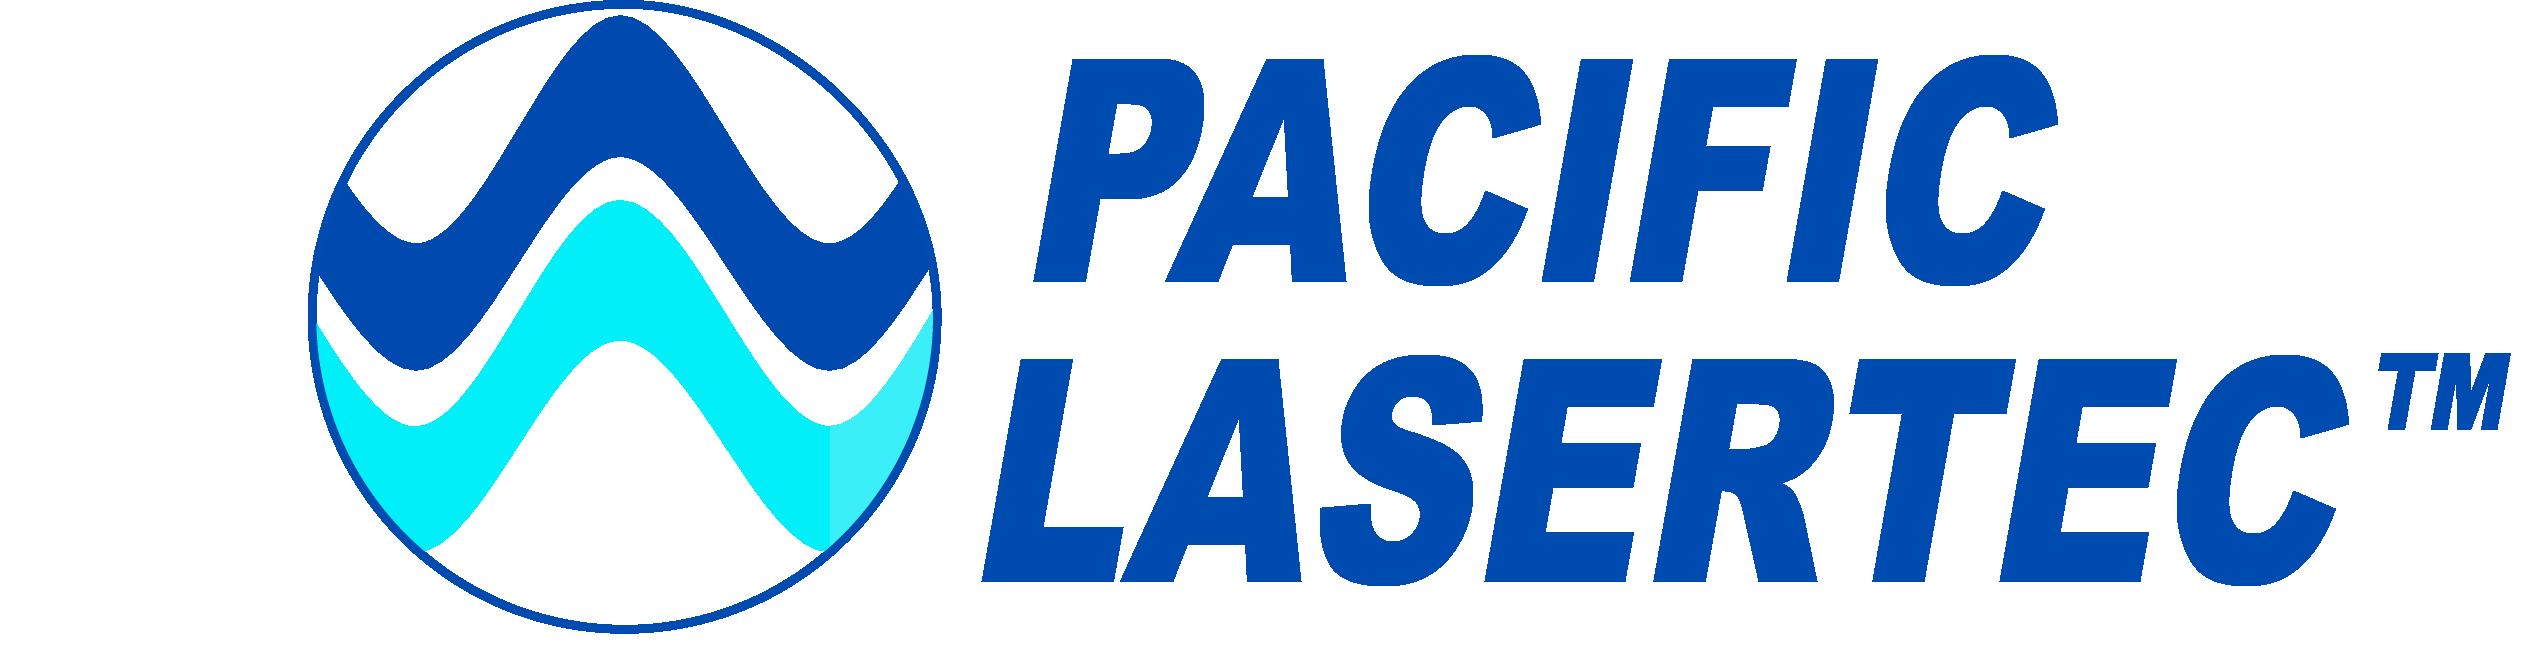 Pacific Lasertec